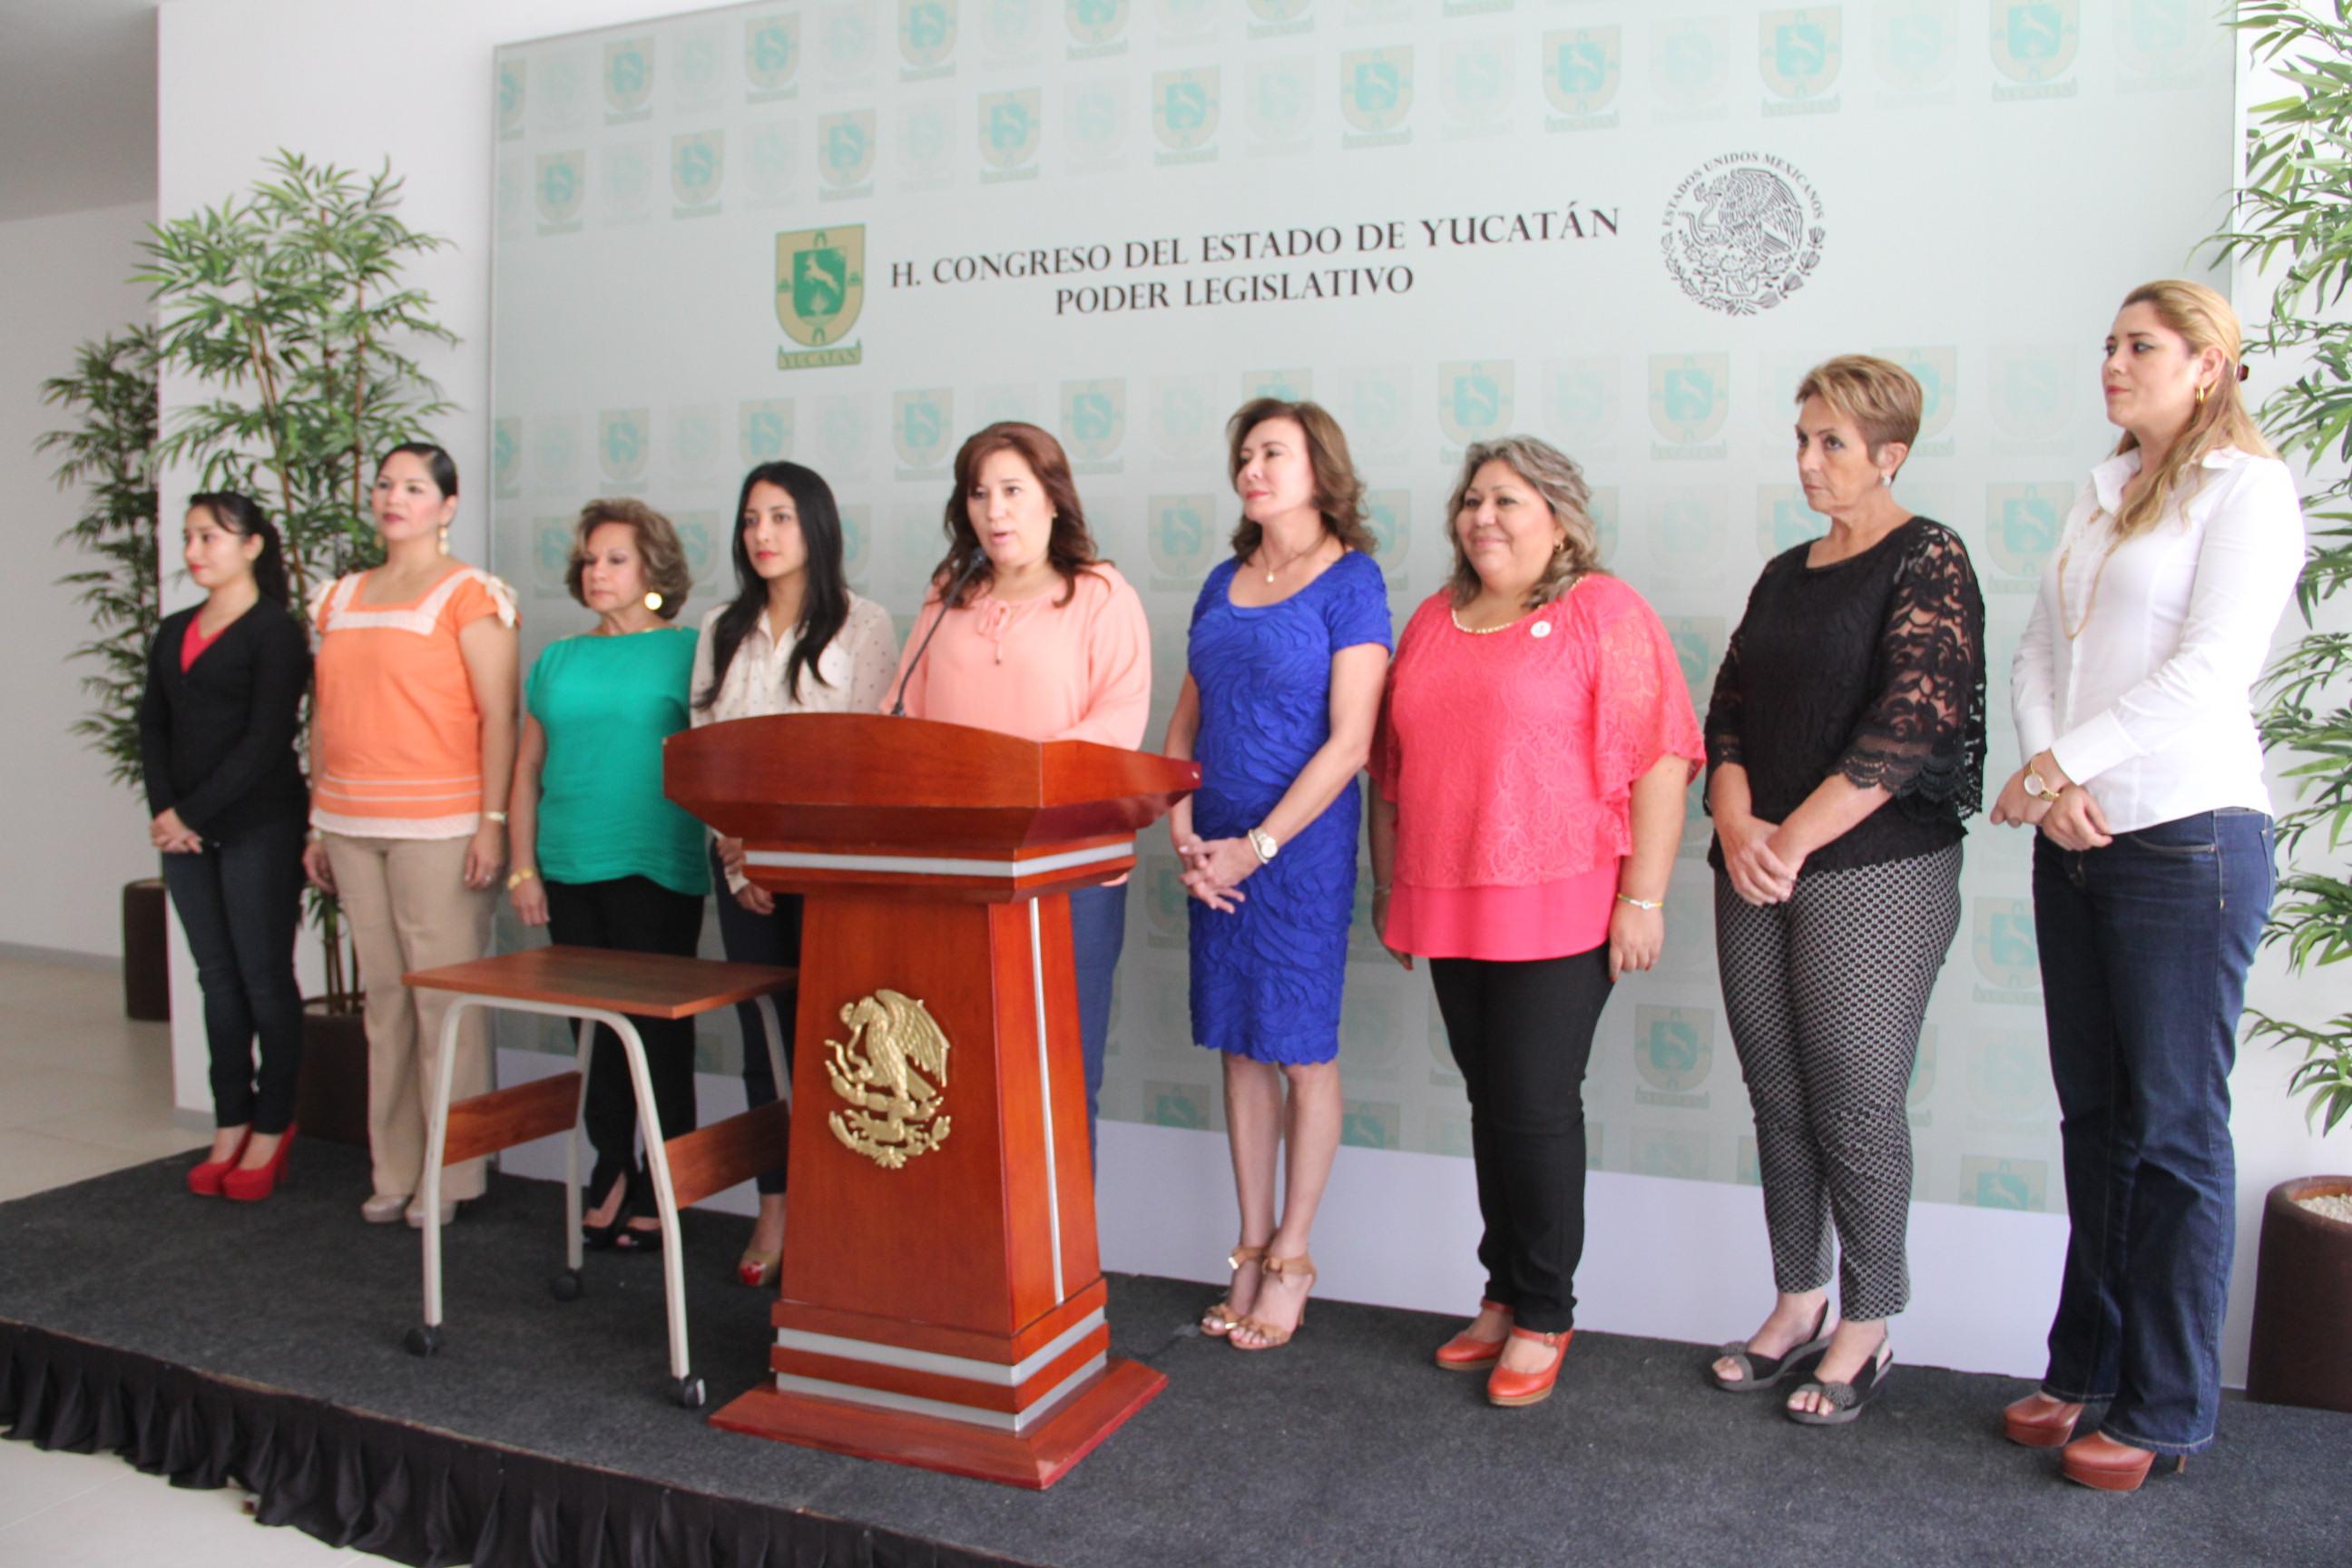 Preparan homenaje a precursora de derechos de mujeres en Yucatán